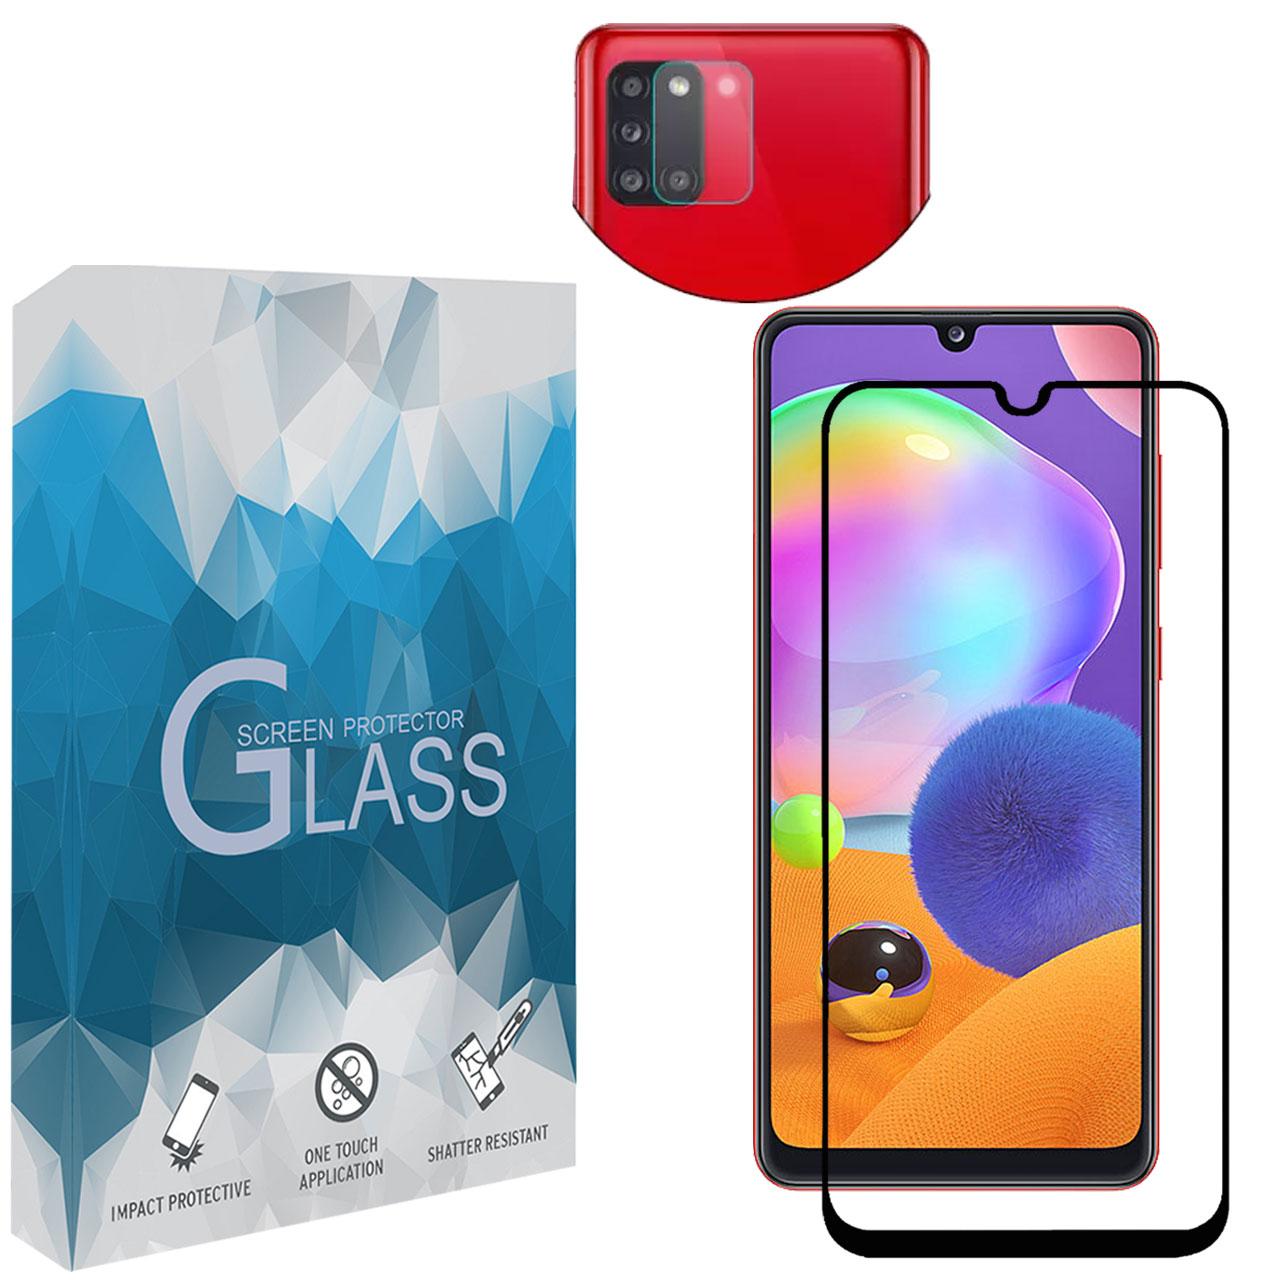 محافظ صفحه نمايش مدل FLGSP مناسب برای گوشی موبایل سامسونگ Galaxy A31 به همراه محافظ لنز دوربین              ( قیمت و خرید)